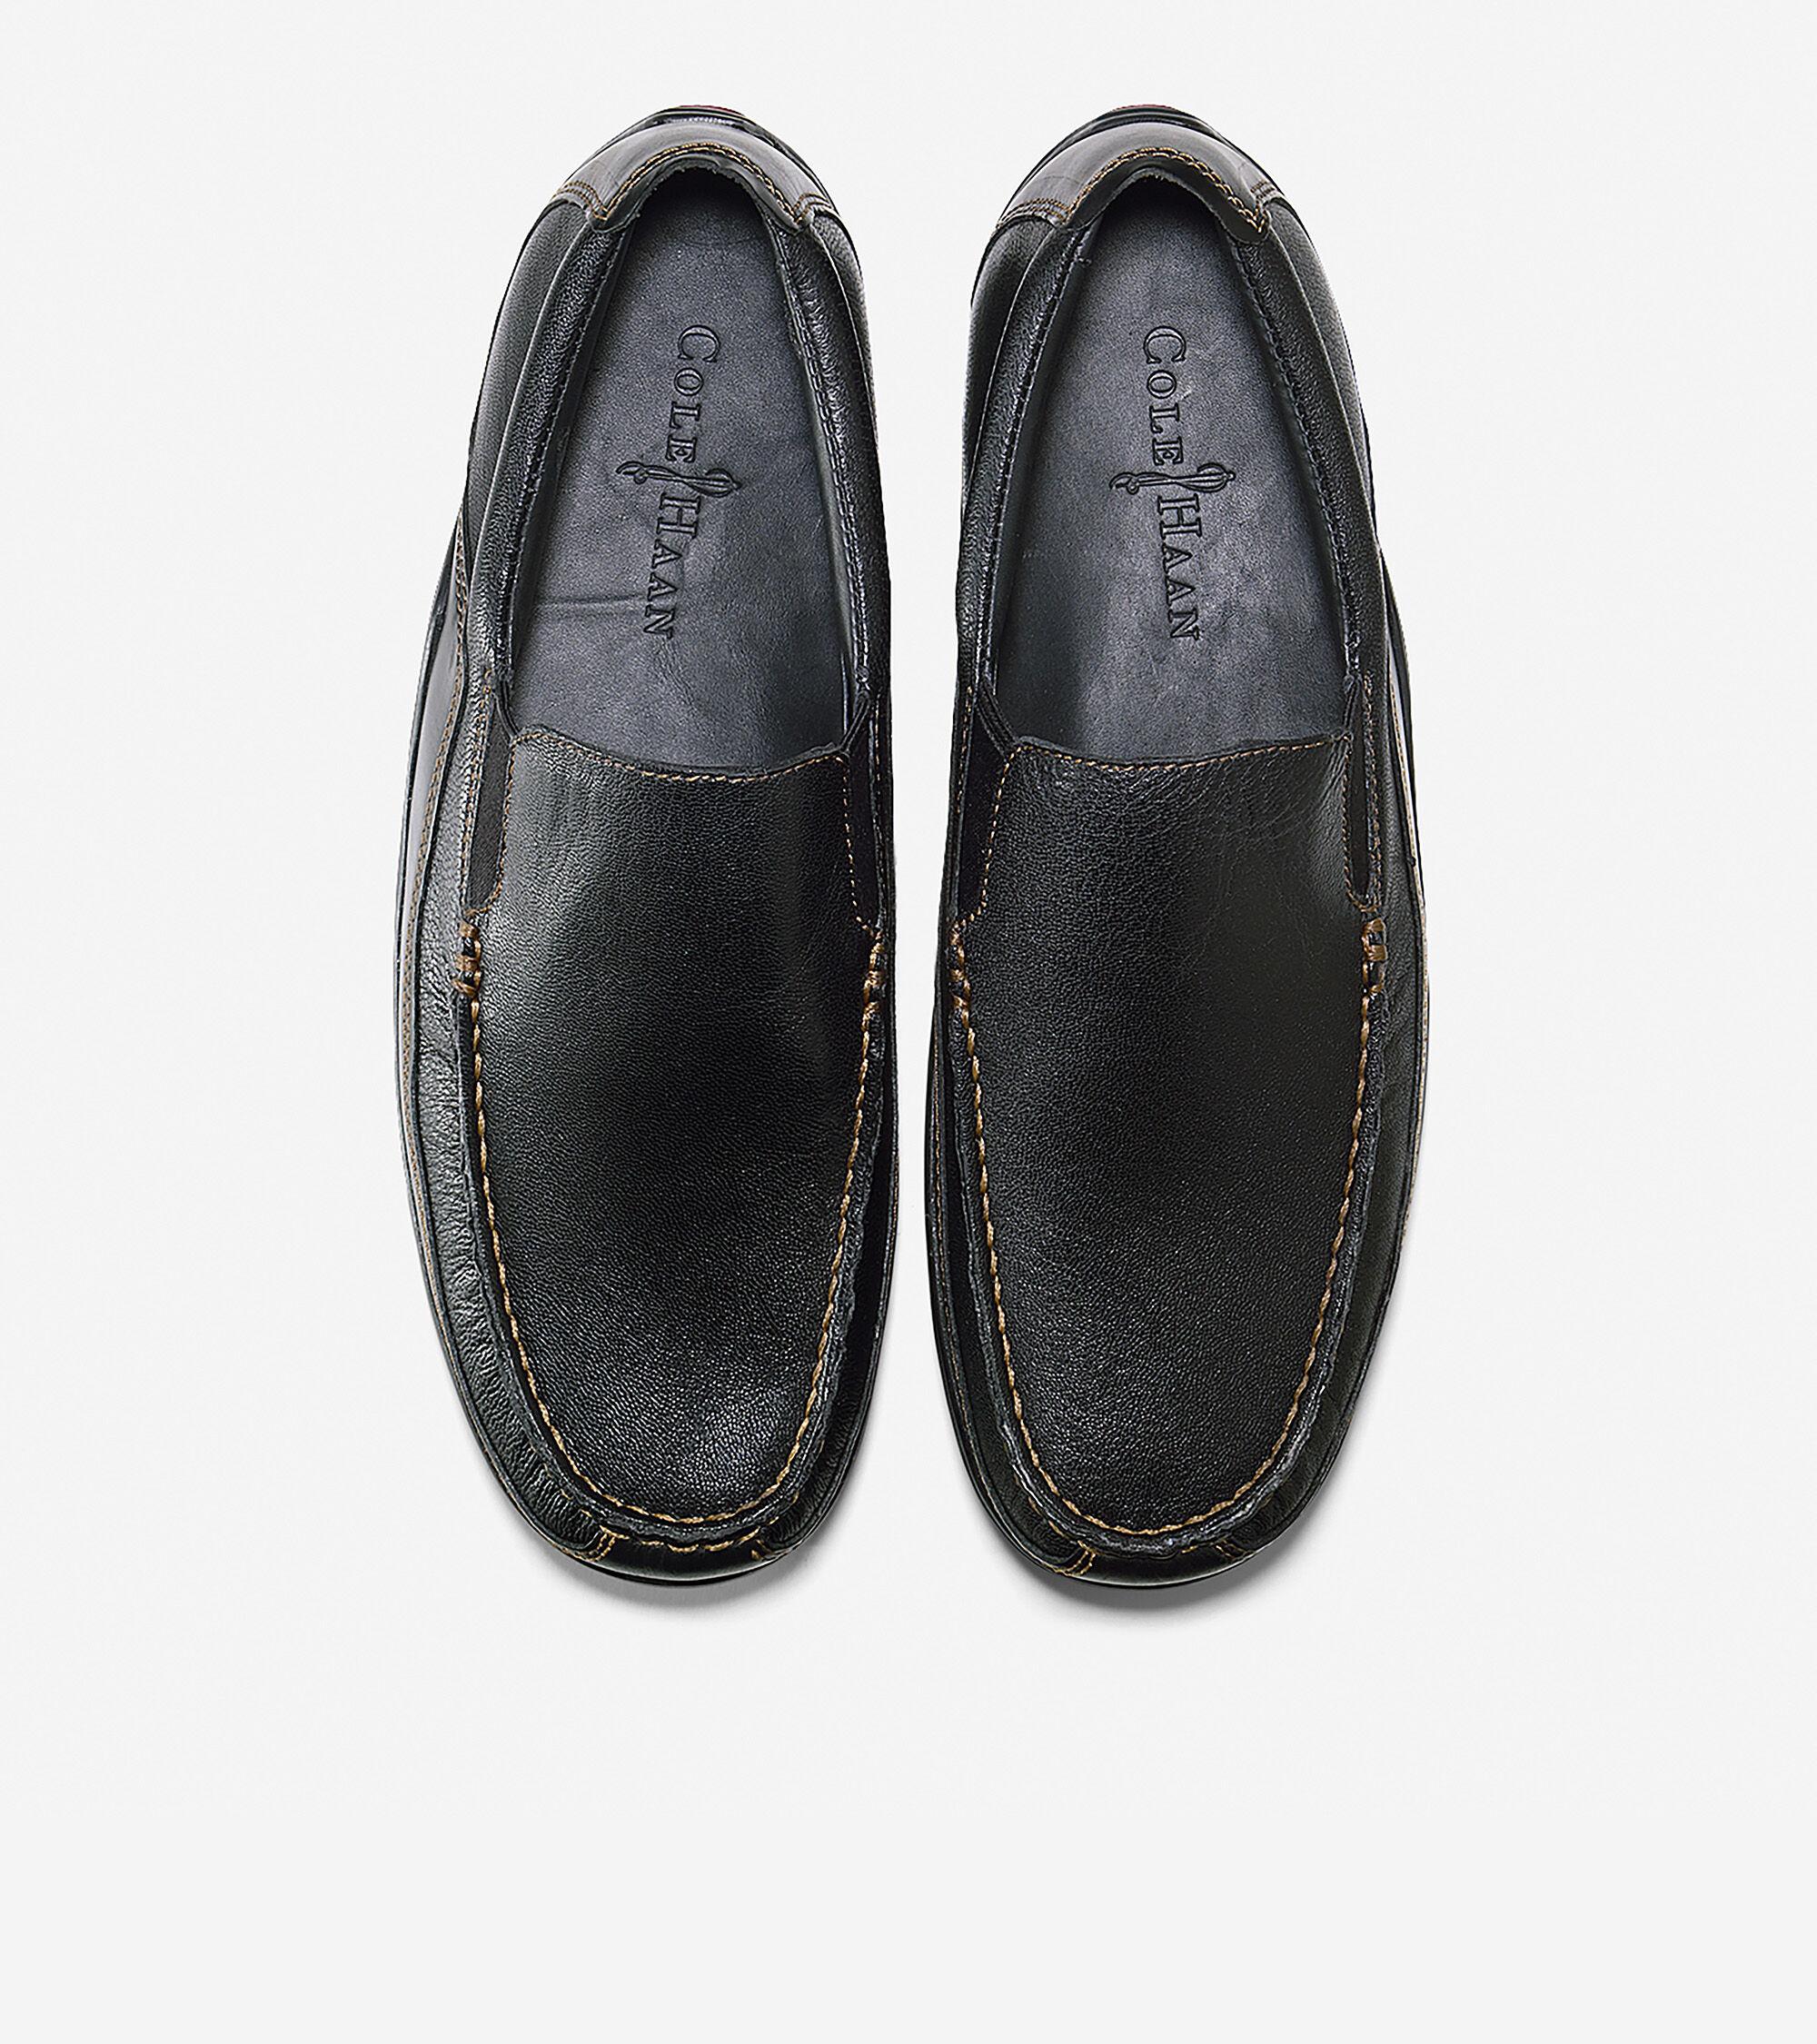 ... Tucker Venetian Loafer; Tucker Venetian Loafer; Tucker Venetian Loafer.  #colehaan